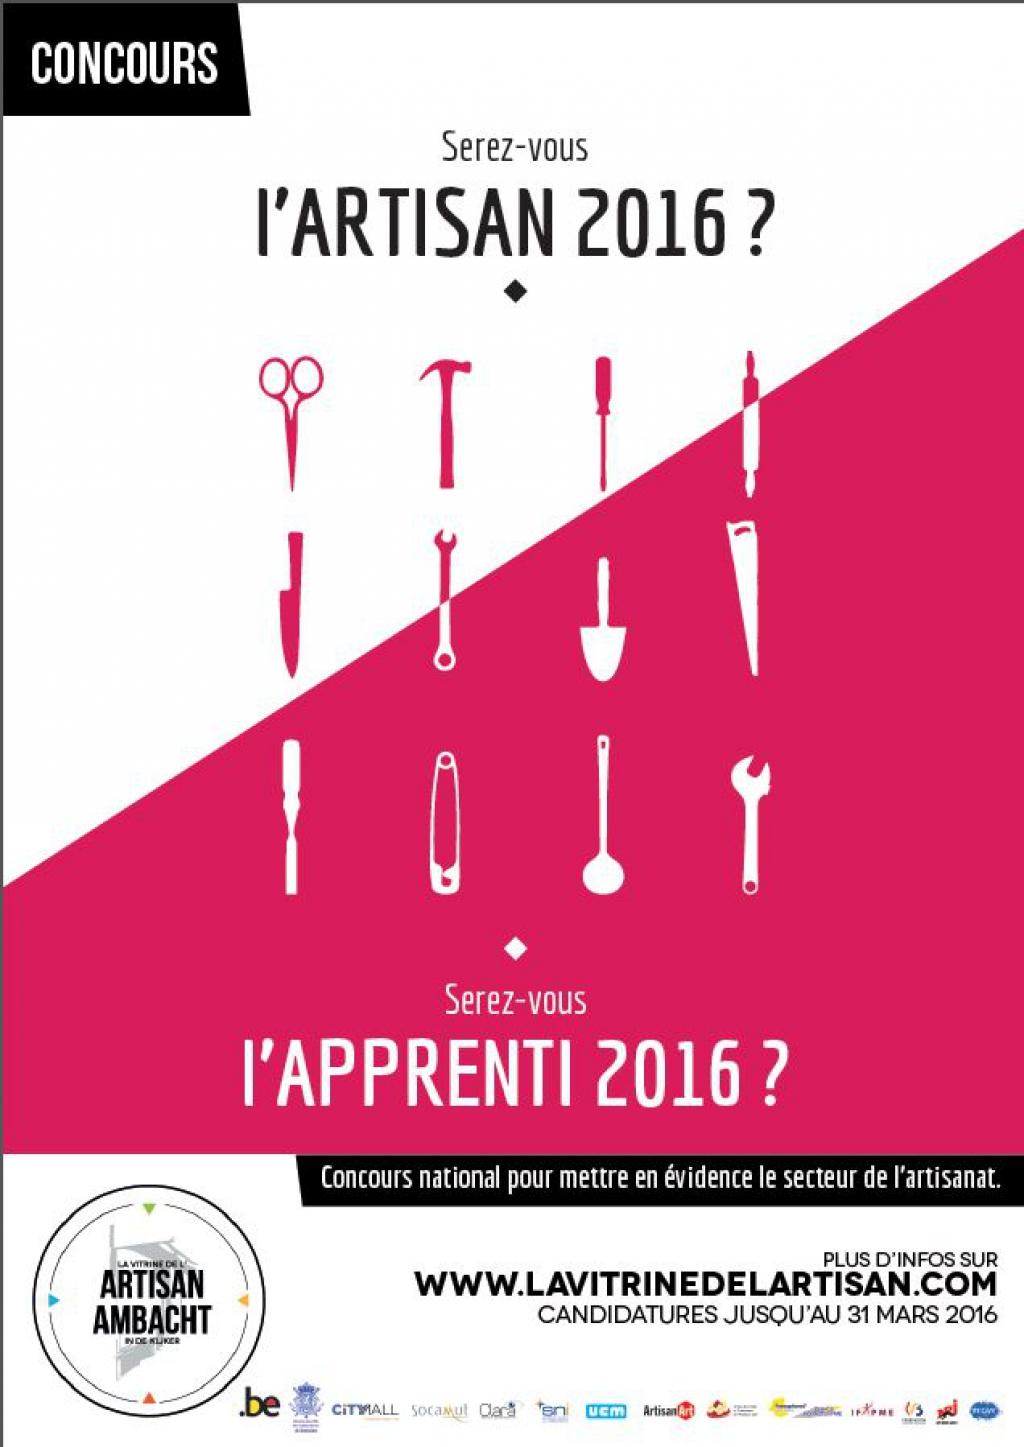 NRJ Belgique : La vitrine de l'artisan